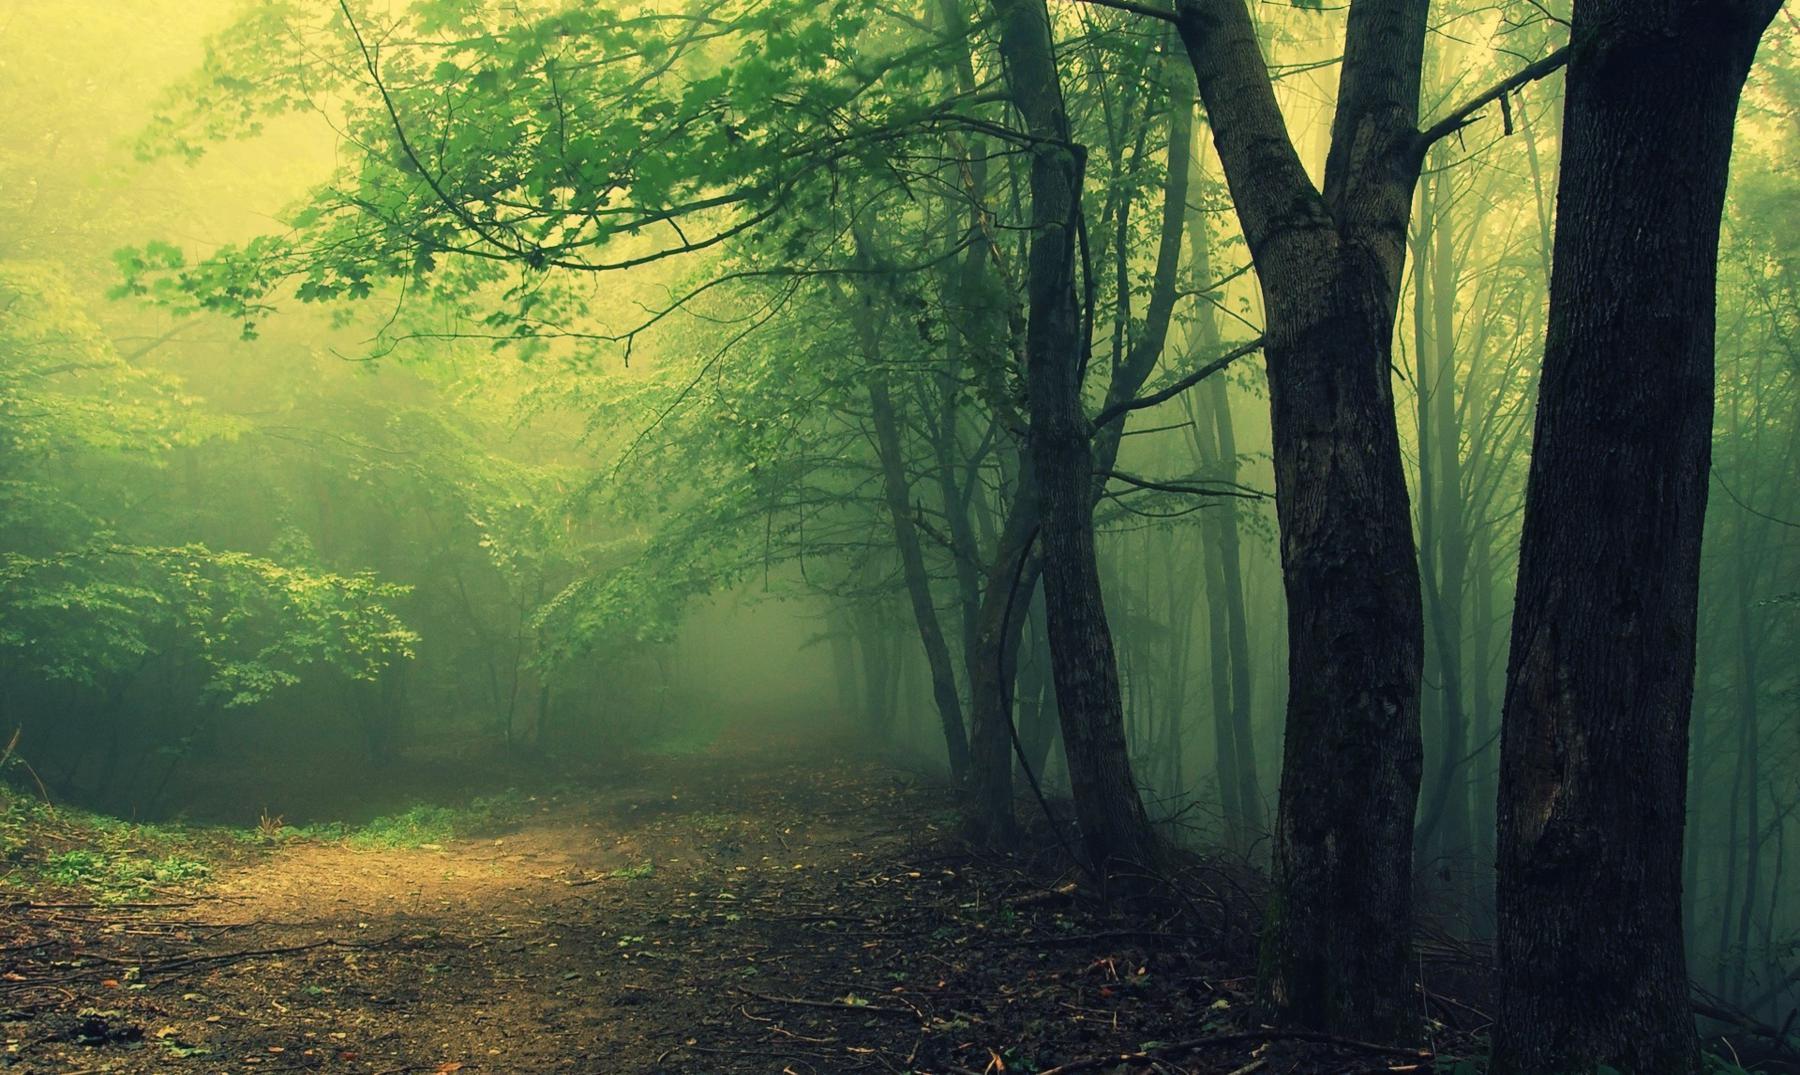 Hoia Baciu bosque encantado